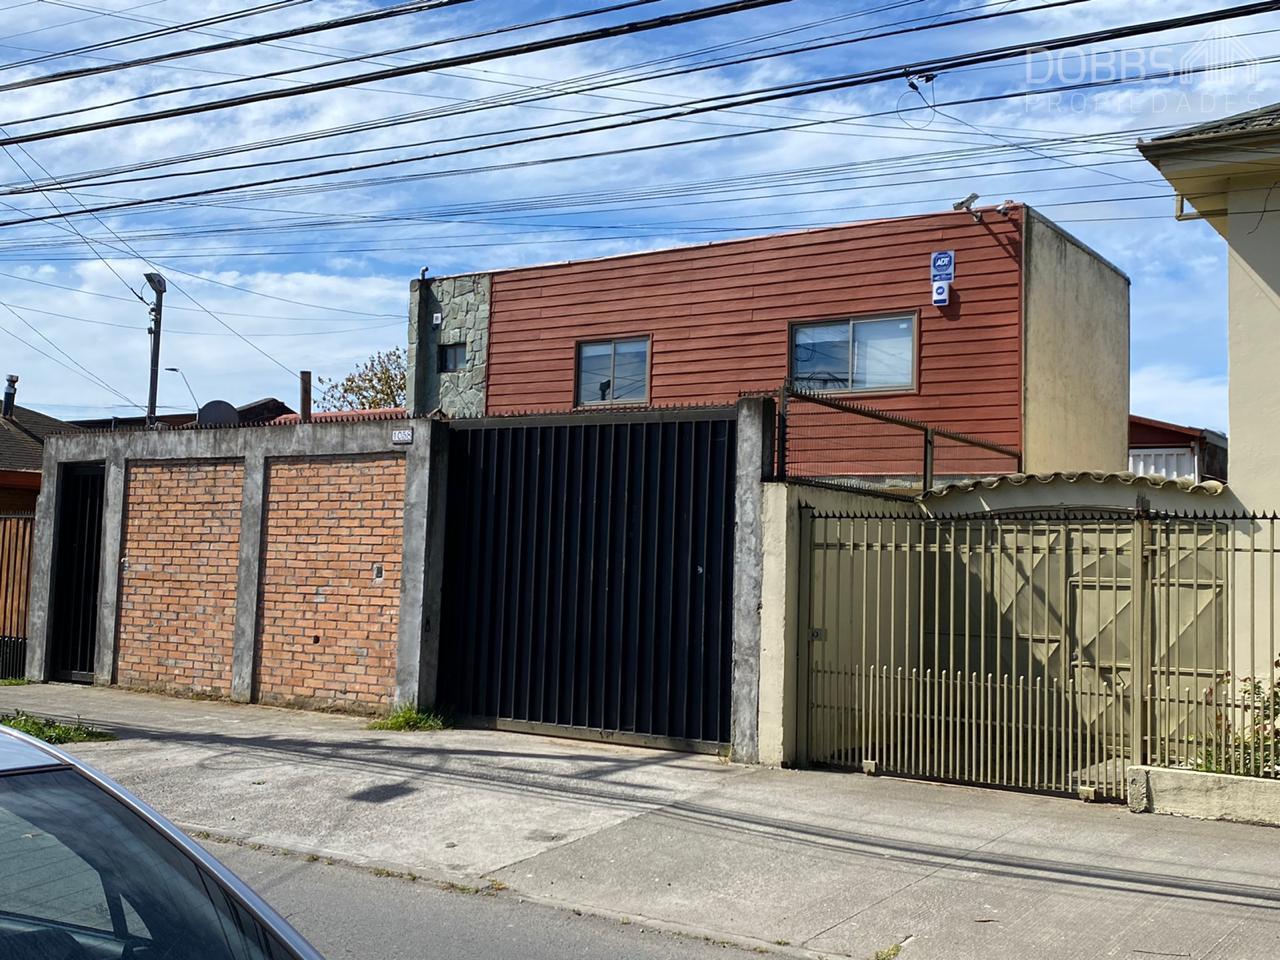 Oficina y galpón en el centro de Concepción